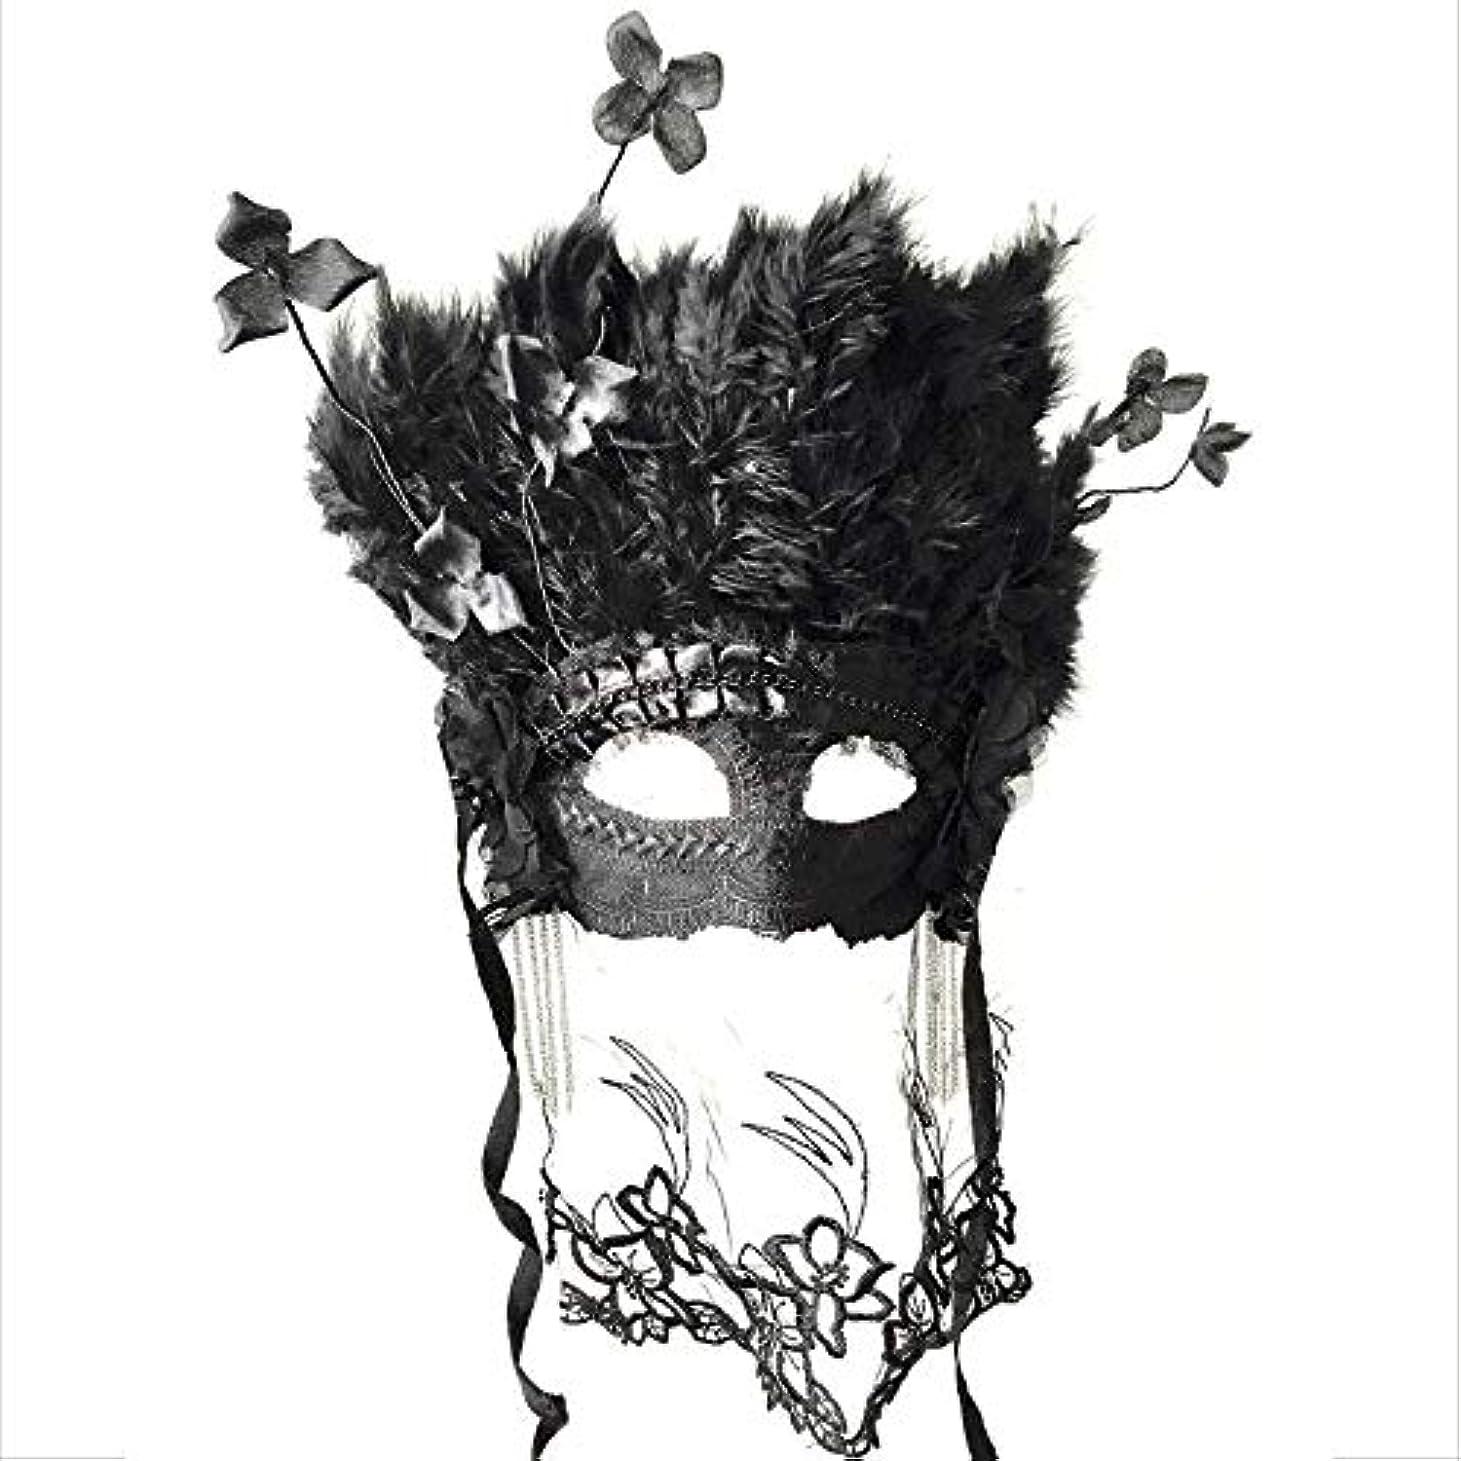 Nanle ハロウィンクリスマスベールドライフラワーフェザータッセルマスク仮装マスクレディミスプリンセス美容祭パーティーデコレーションマスク